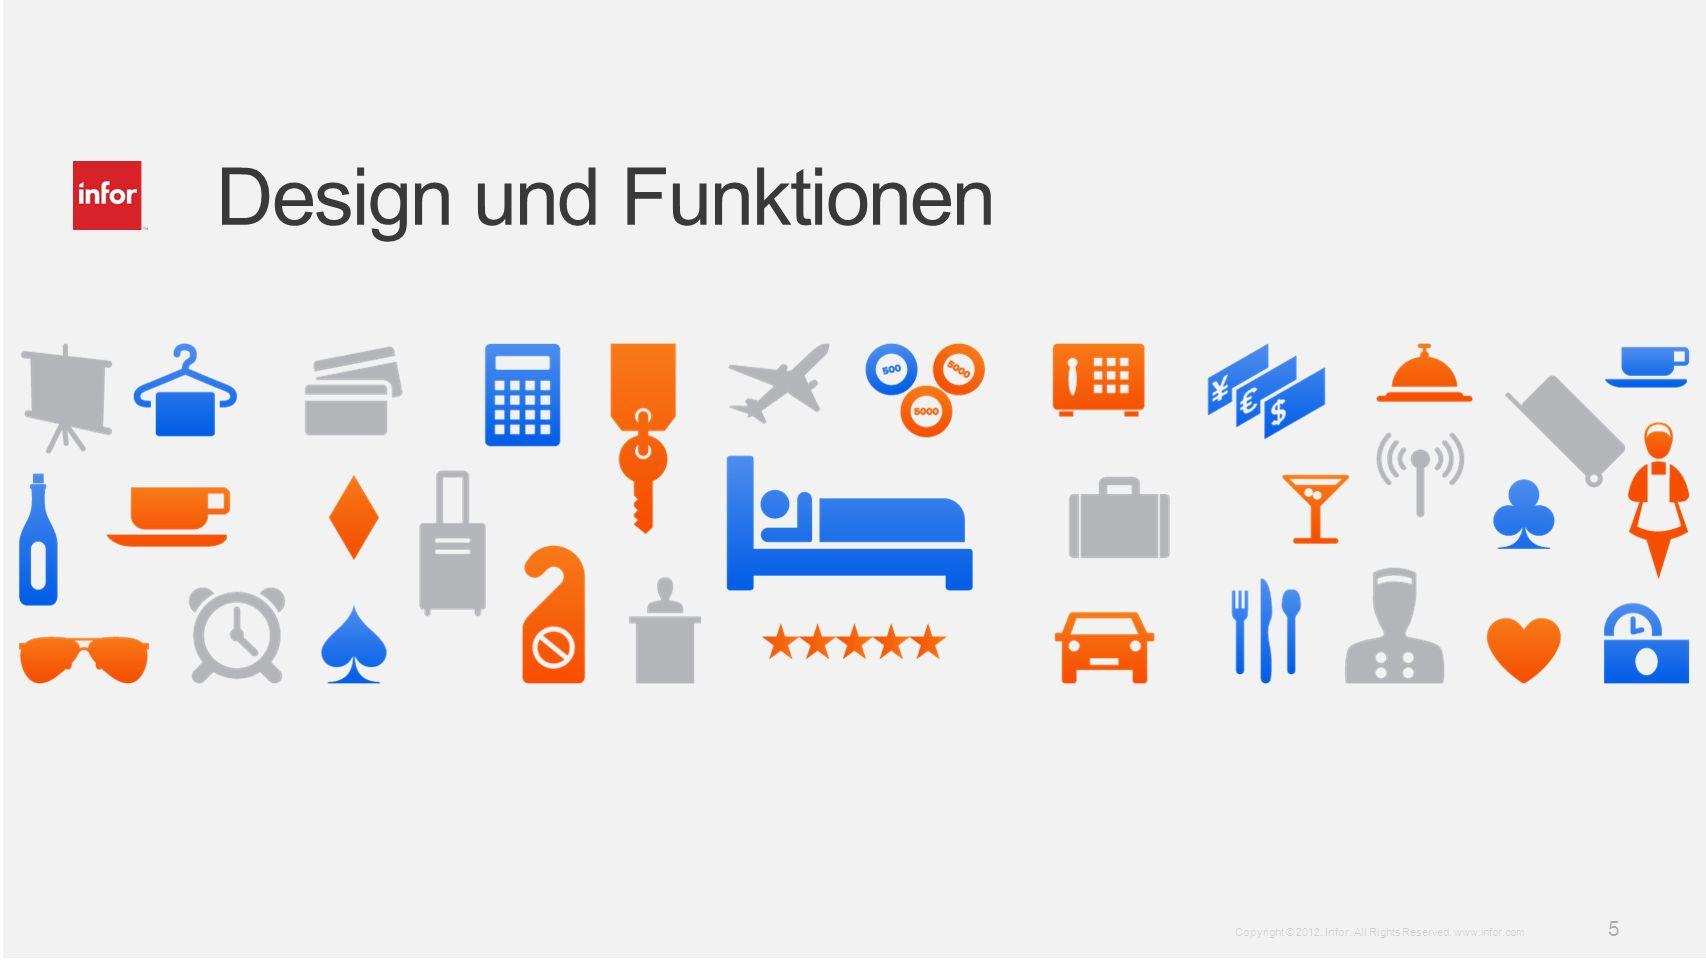 Design und Funktionen